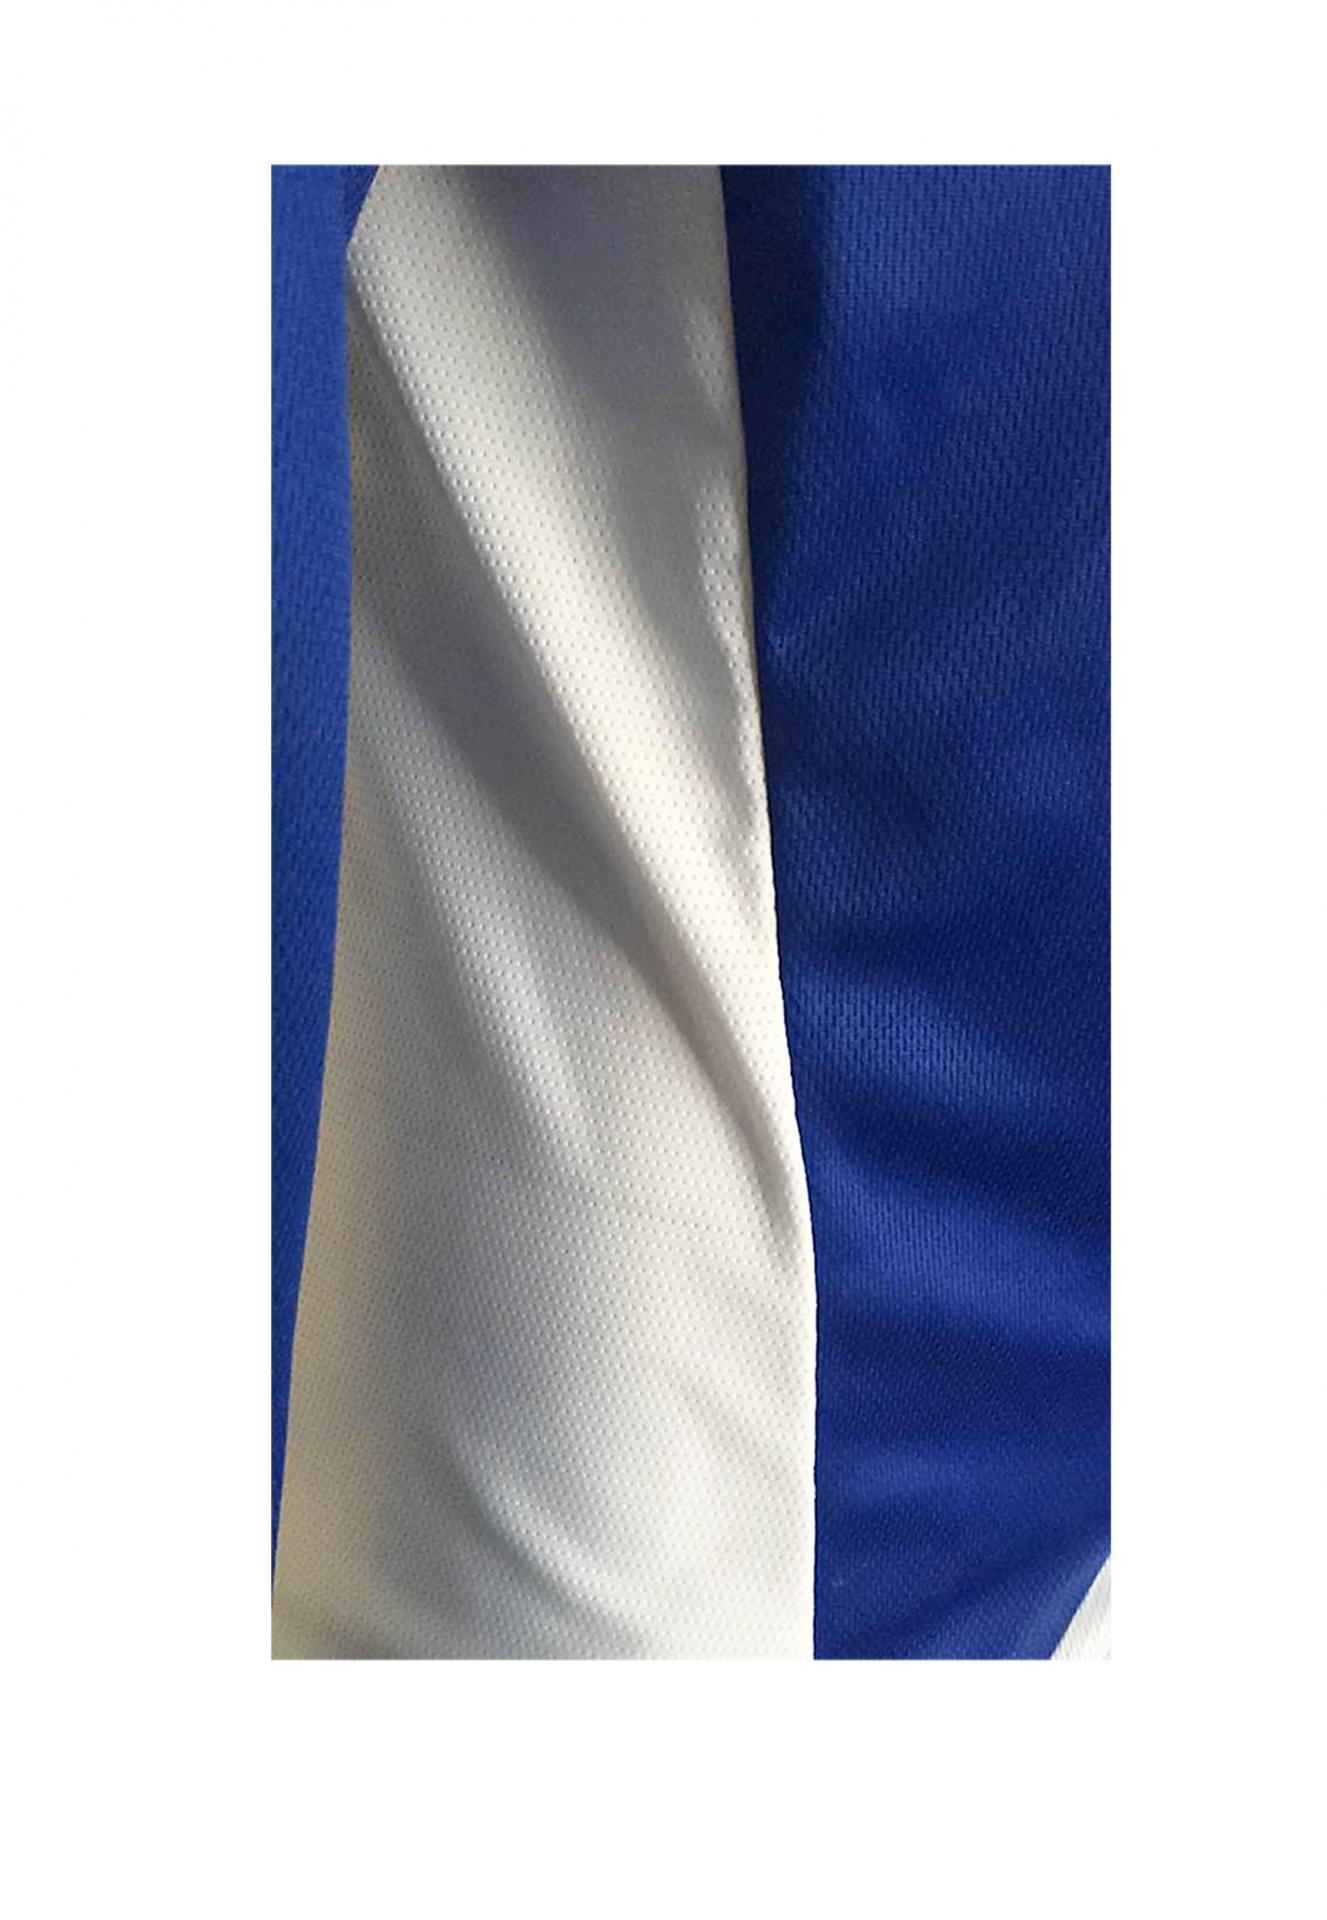 Maillot fraka bleu cote